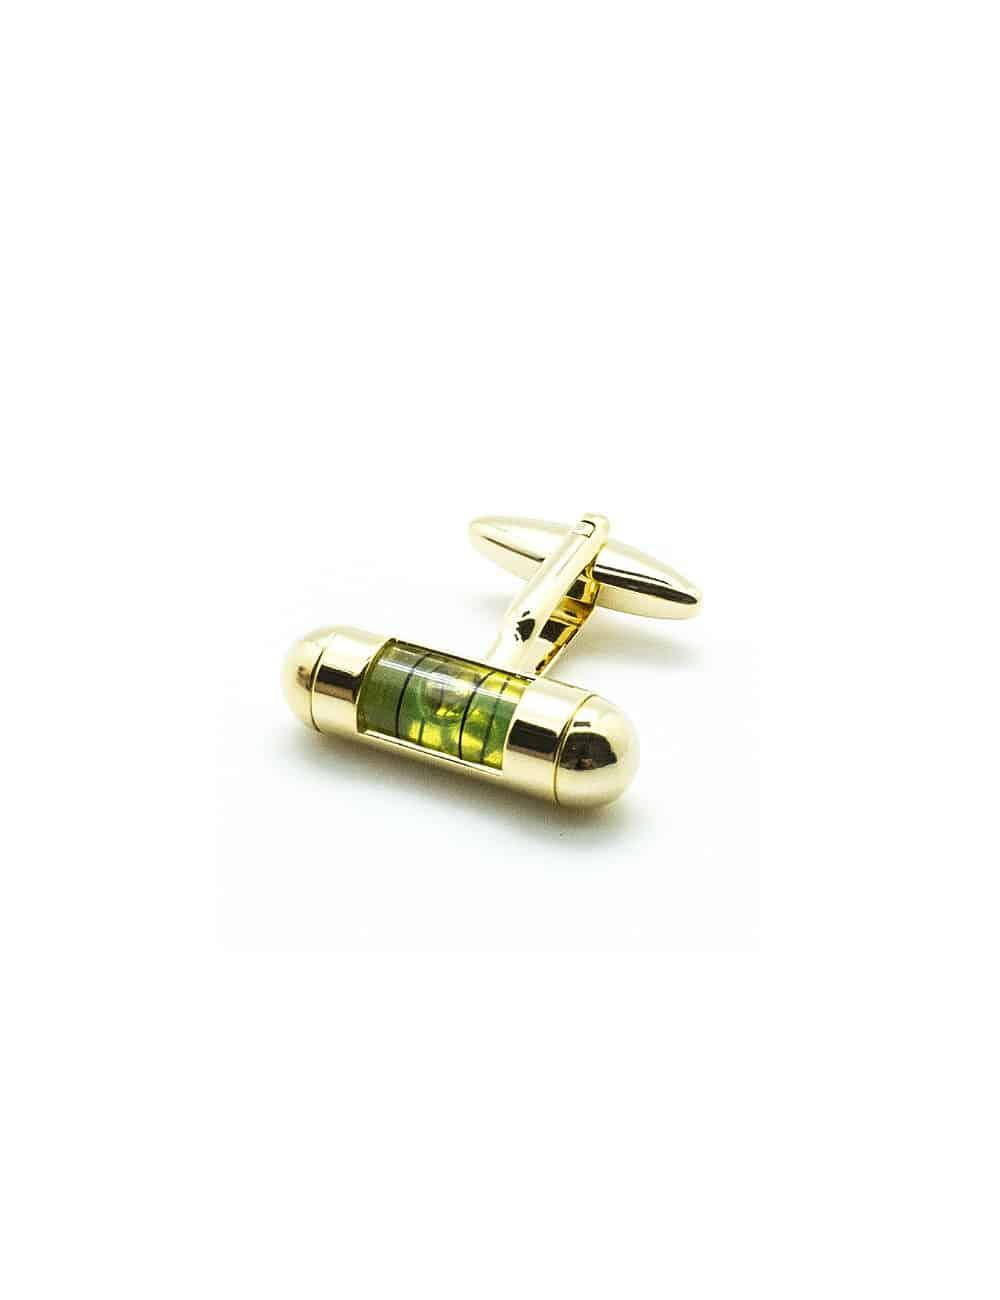 Green Spirit Level in Gold Round Head Cufflink C241NP-015B